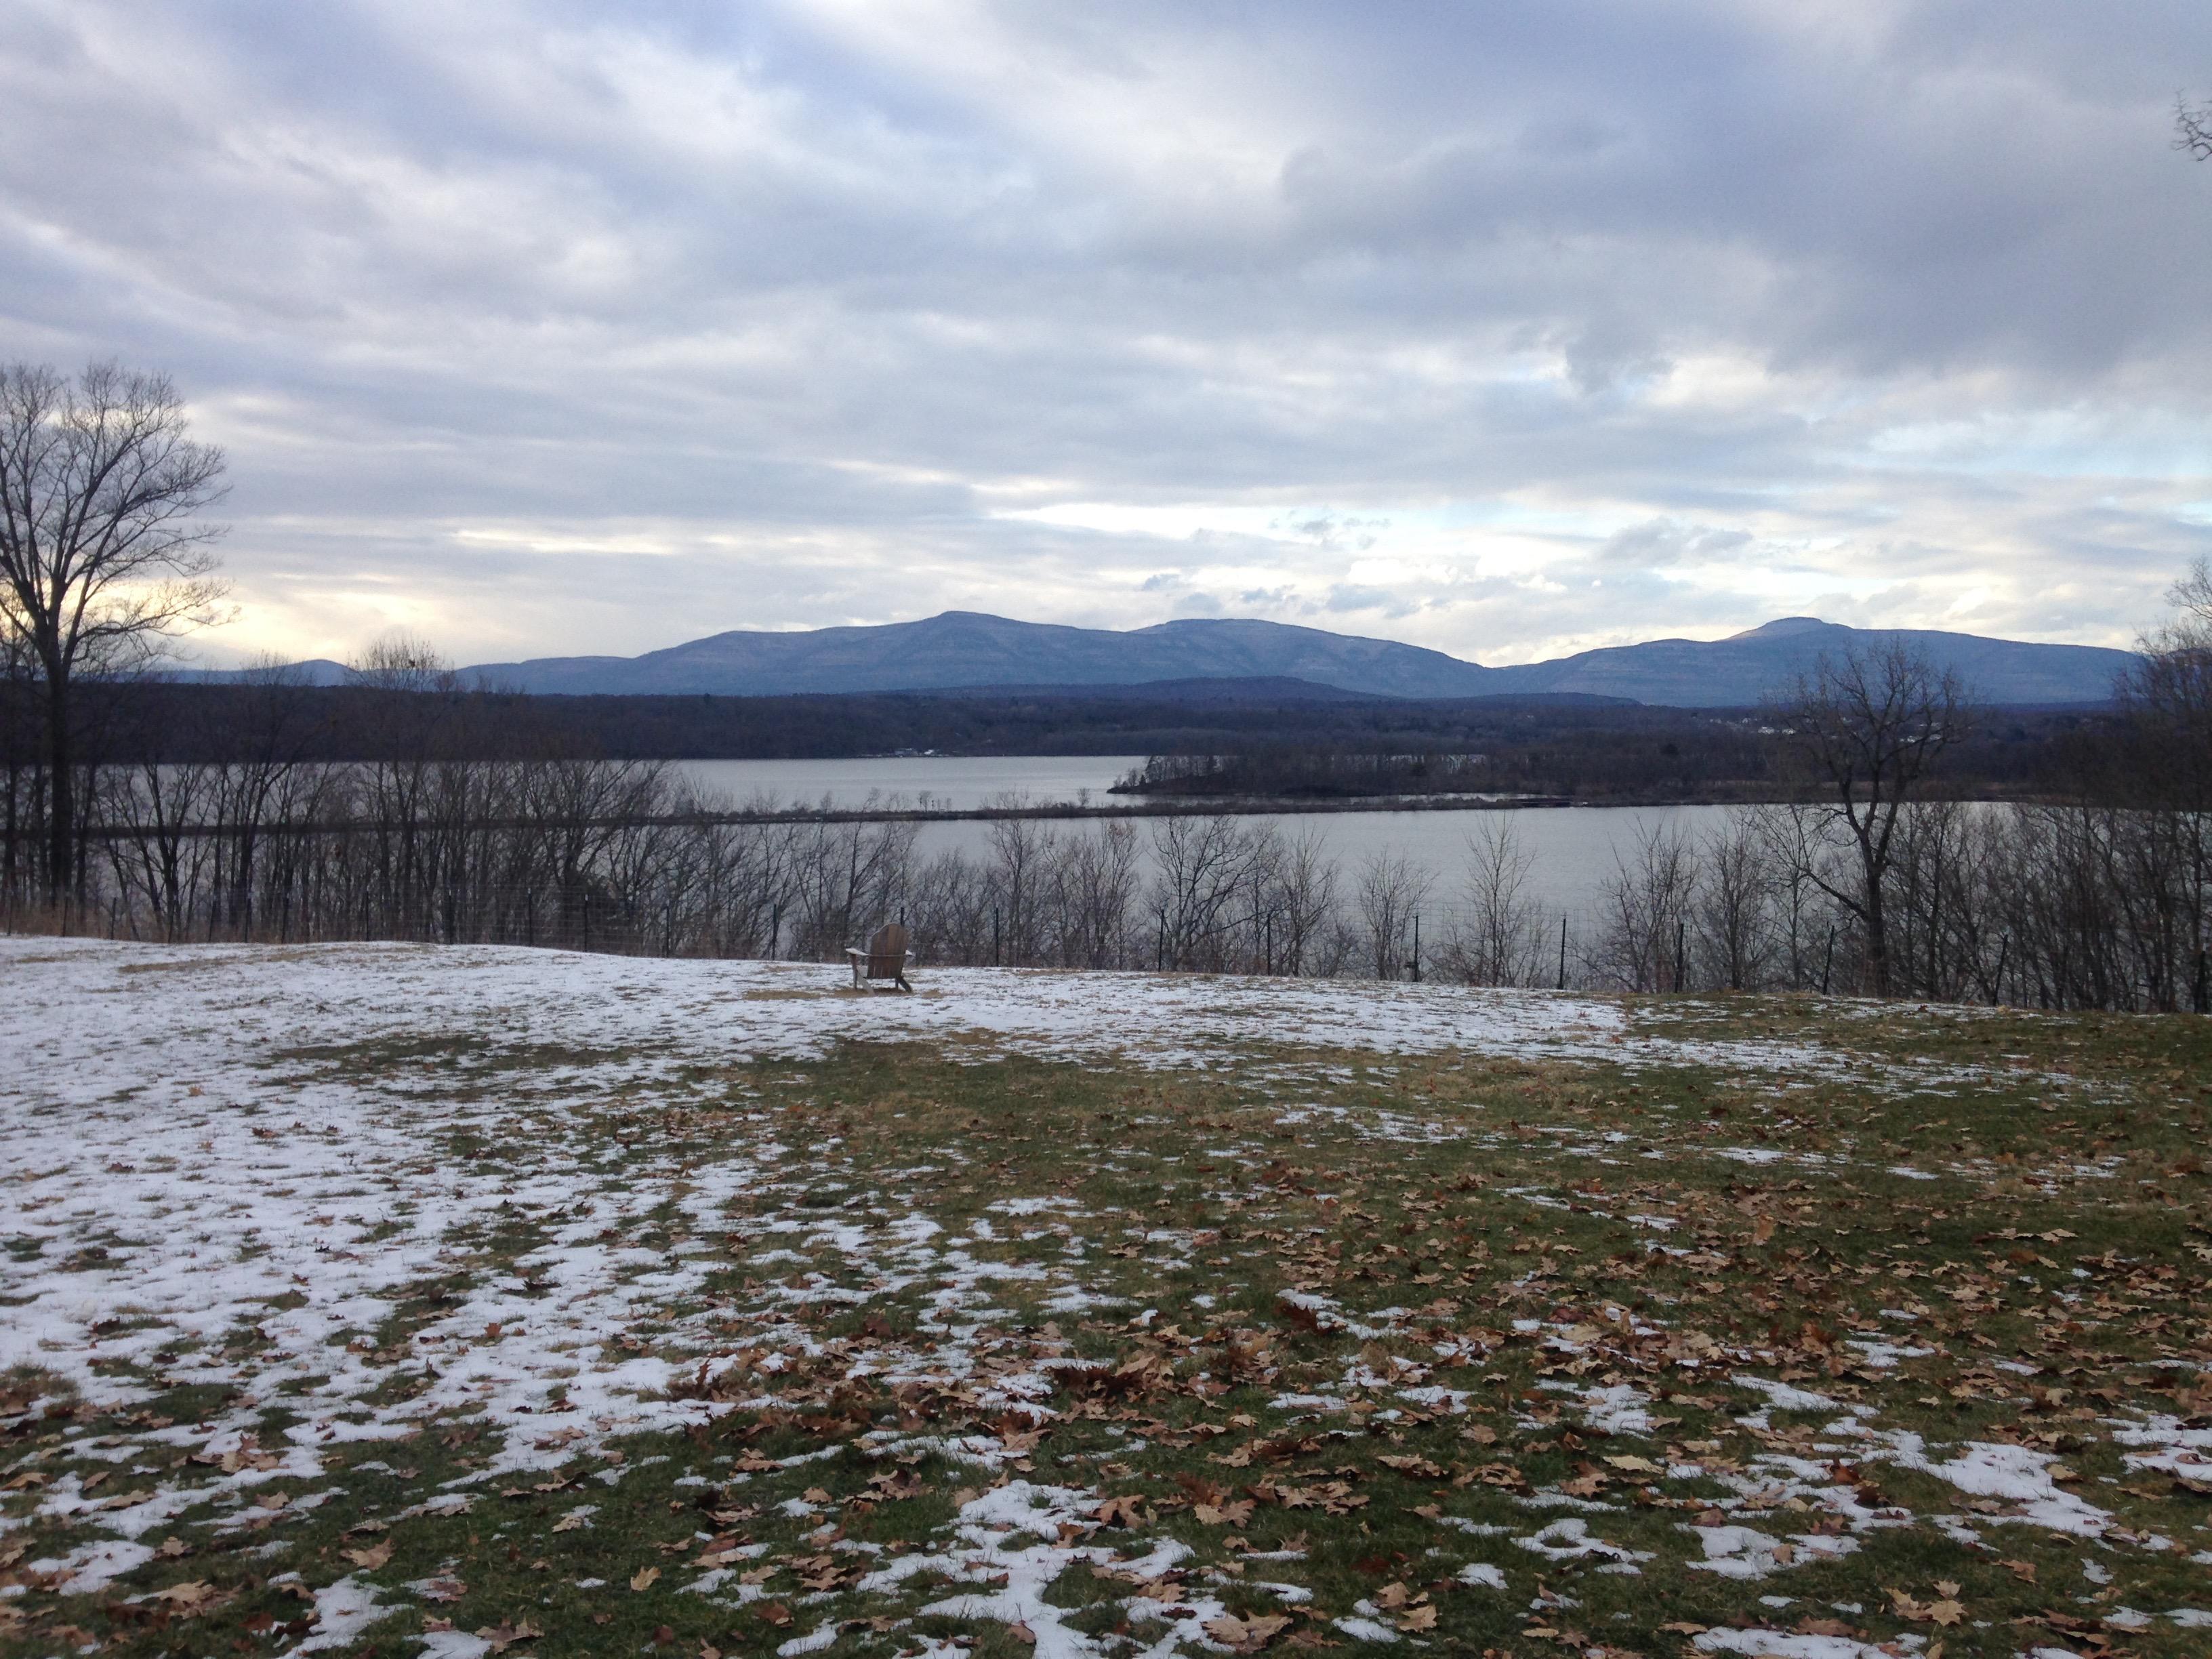 Vista del Hudson River en invierno, foto de Natalie Schuman